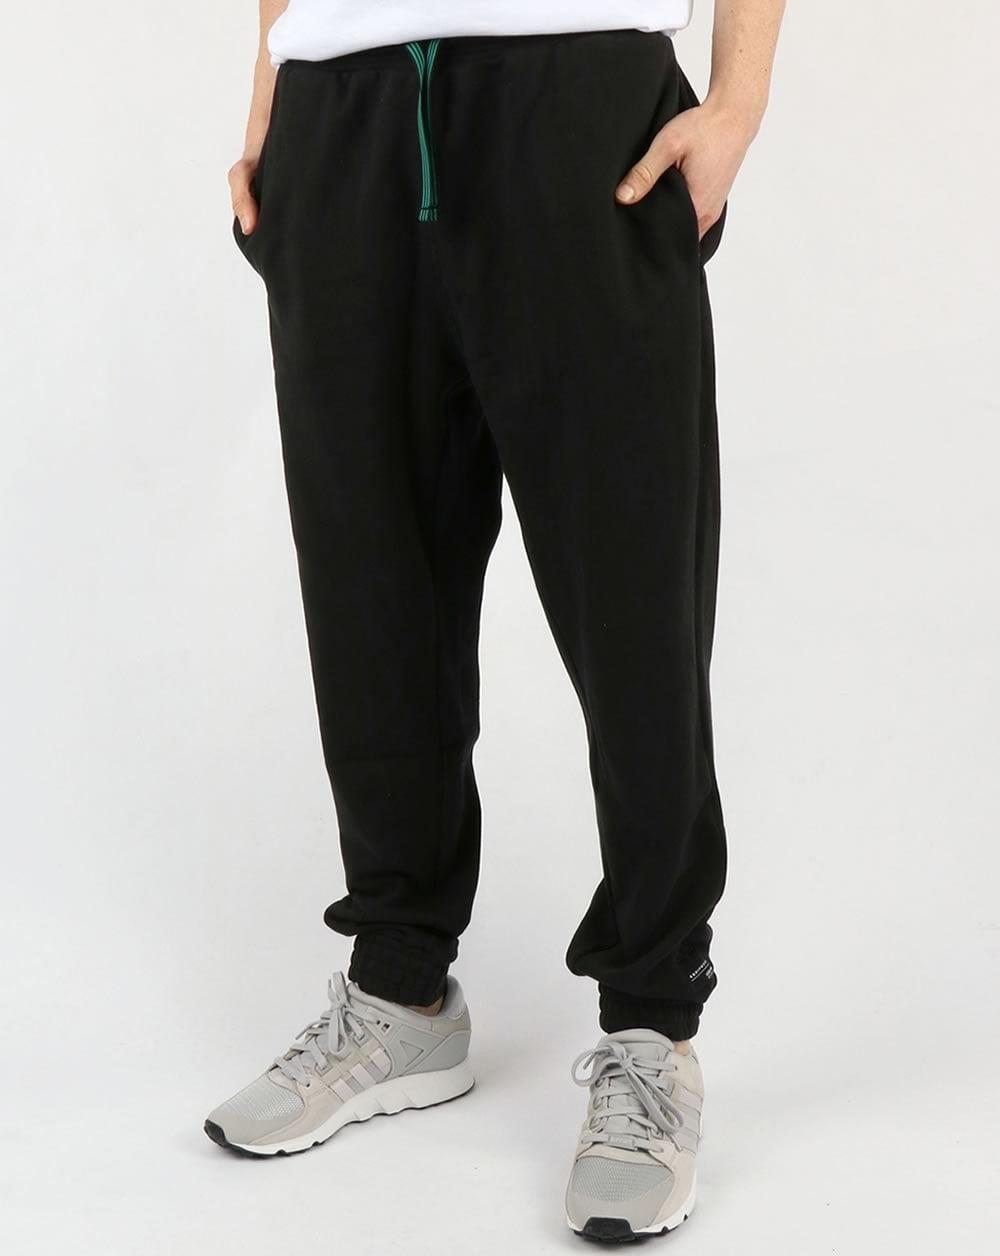 Adidas Originals EQT Knit Track Bottoms